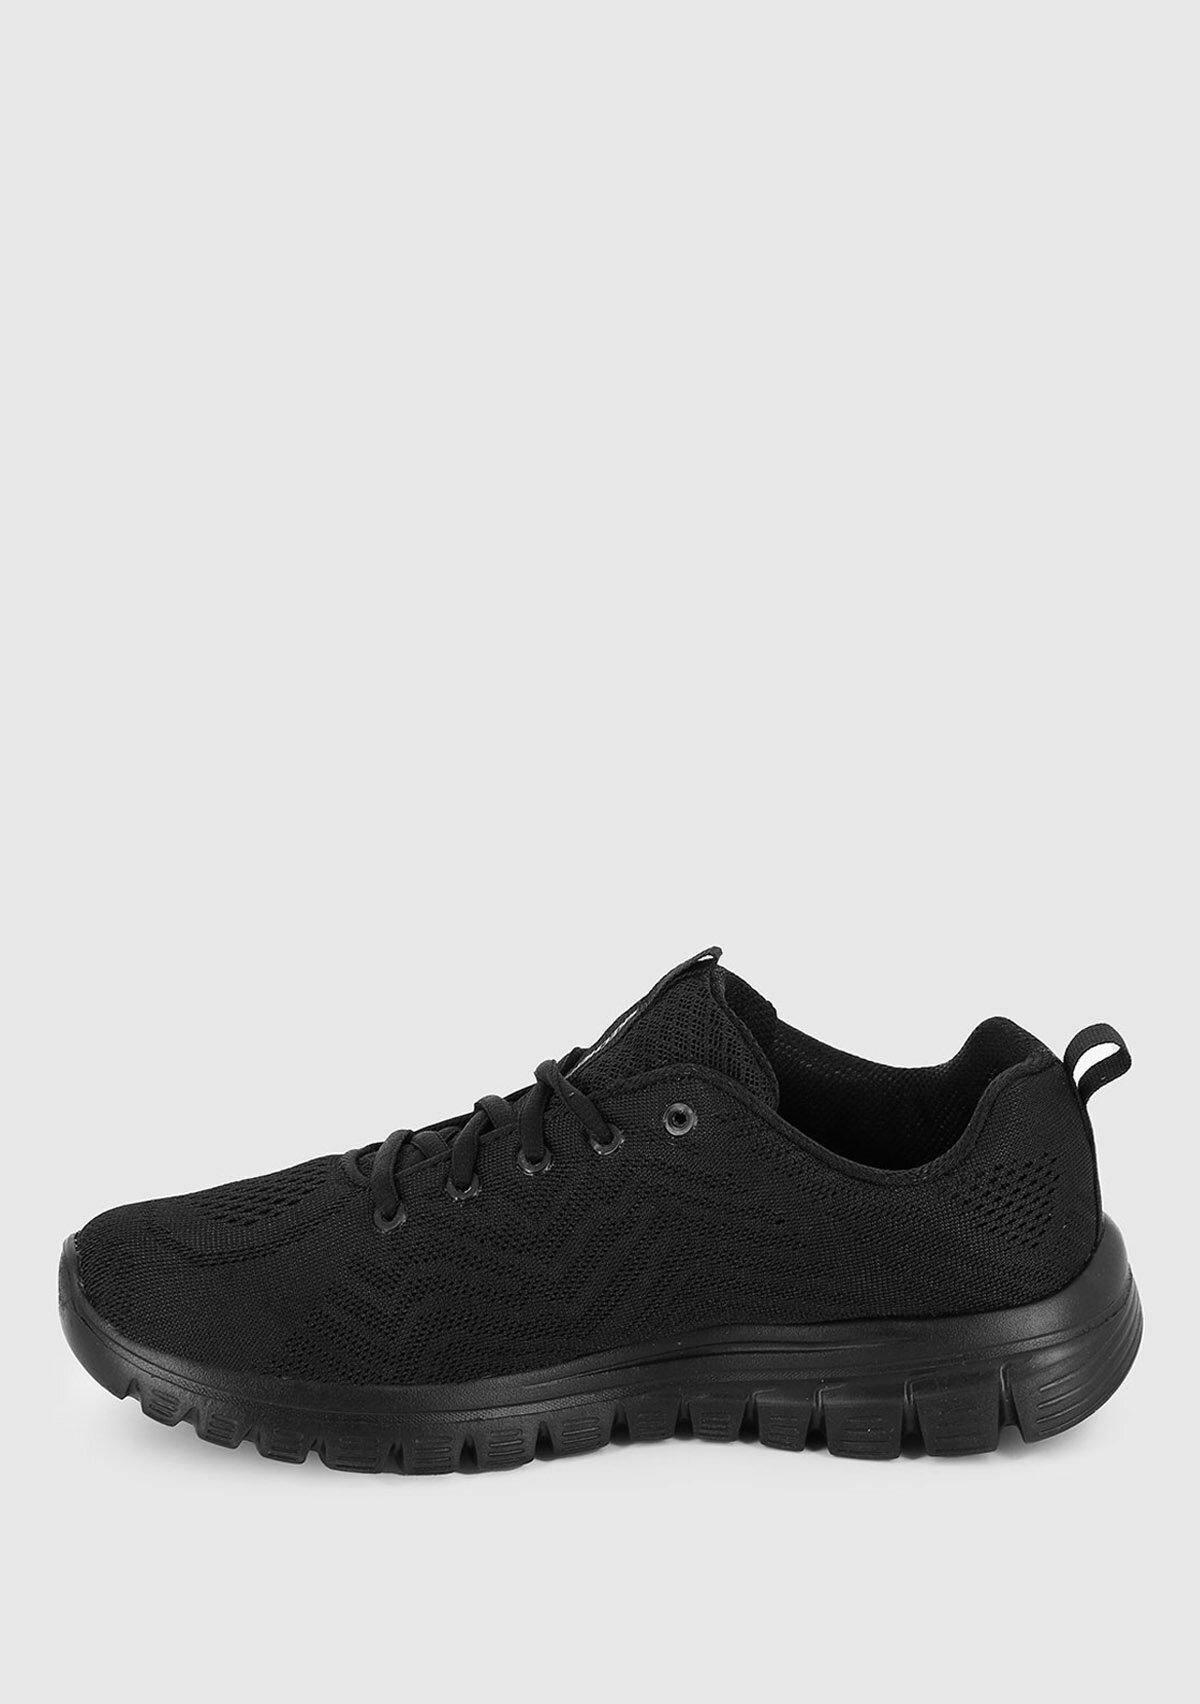 resm Graceful Siyah Kadın Sneaker 12615Bbk